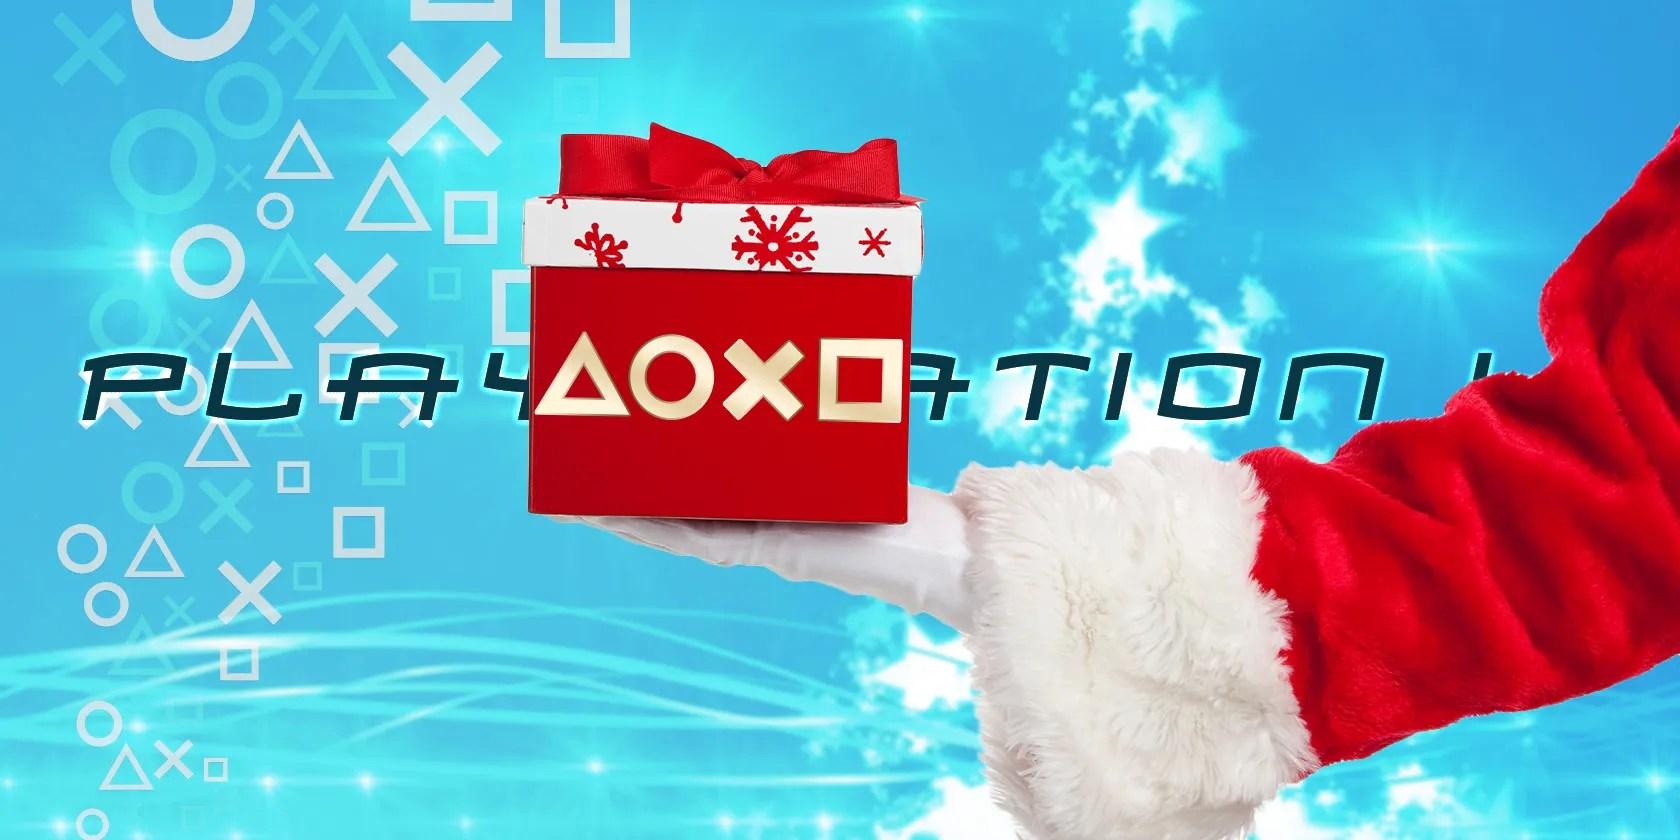 PS4-regali